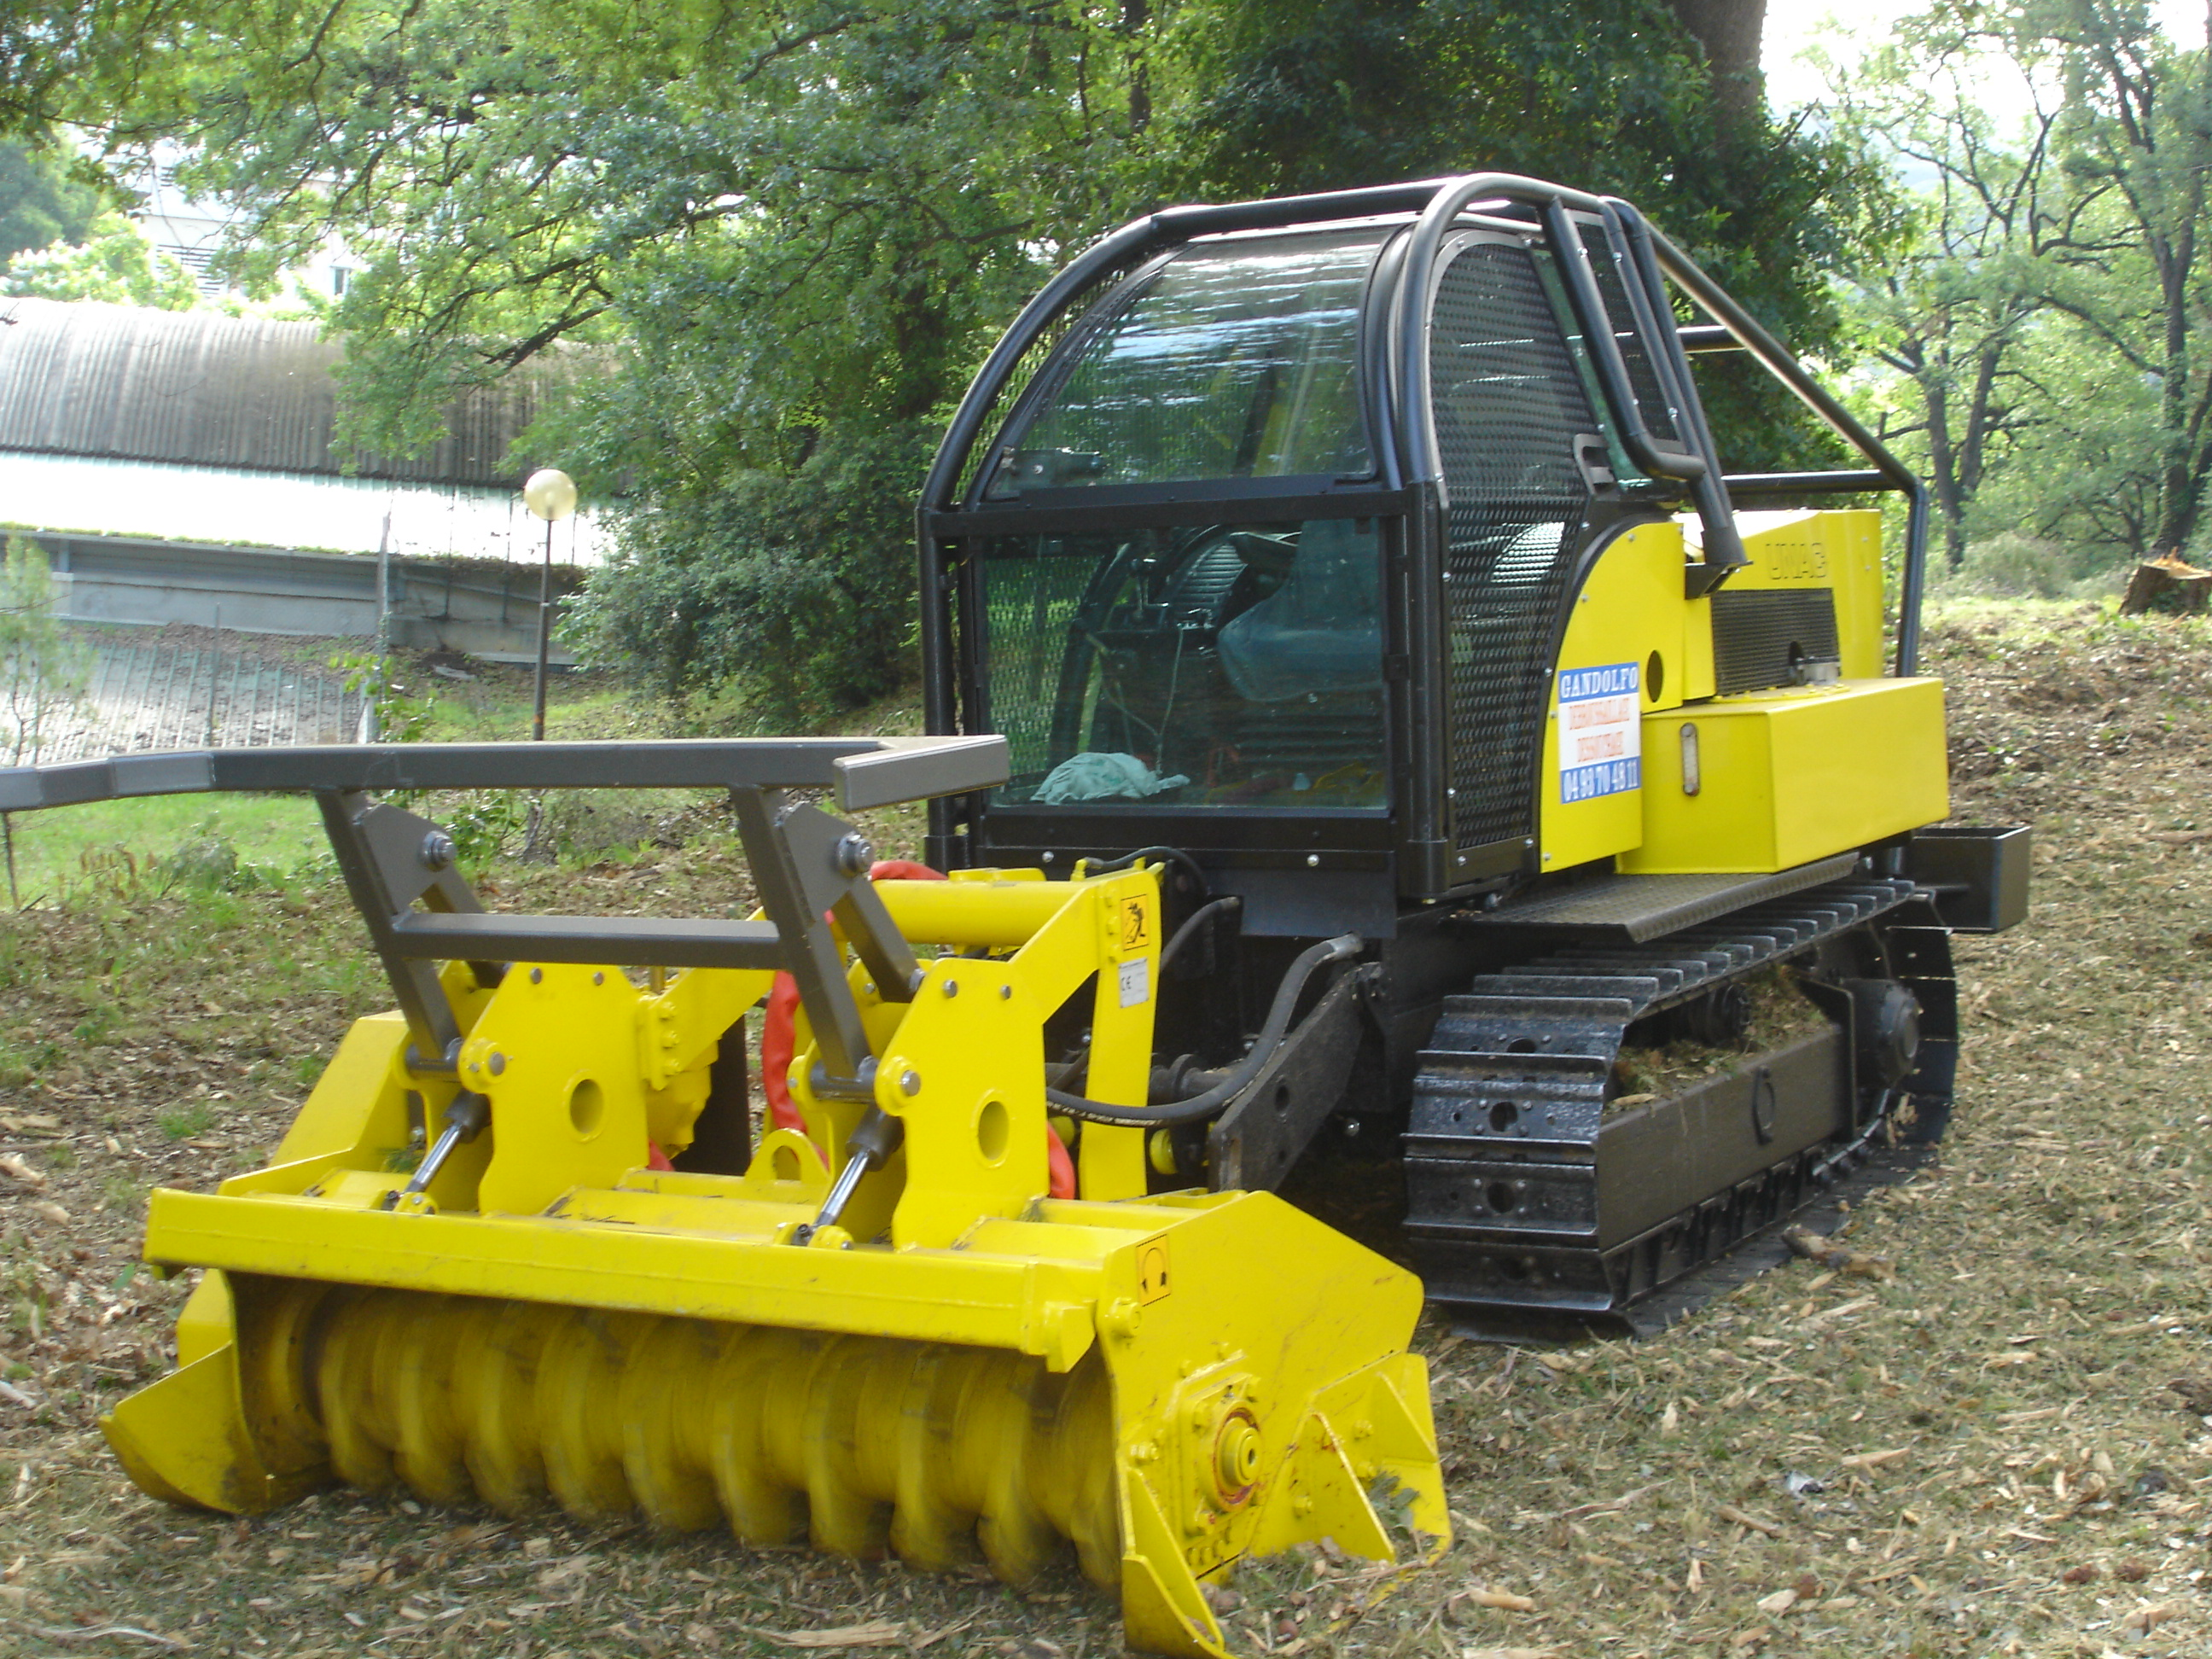 Location Broyeur Bois > Location avec chauffeur d' engin a chenille ou pneu avec broyeur forestier